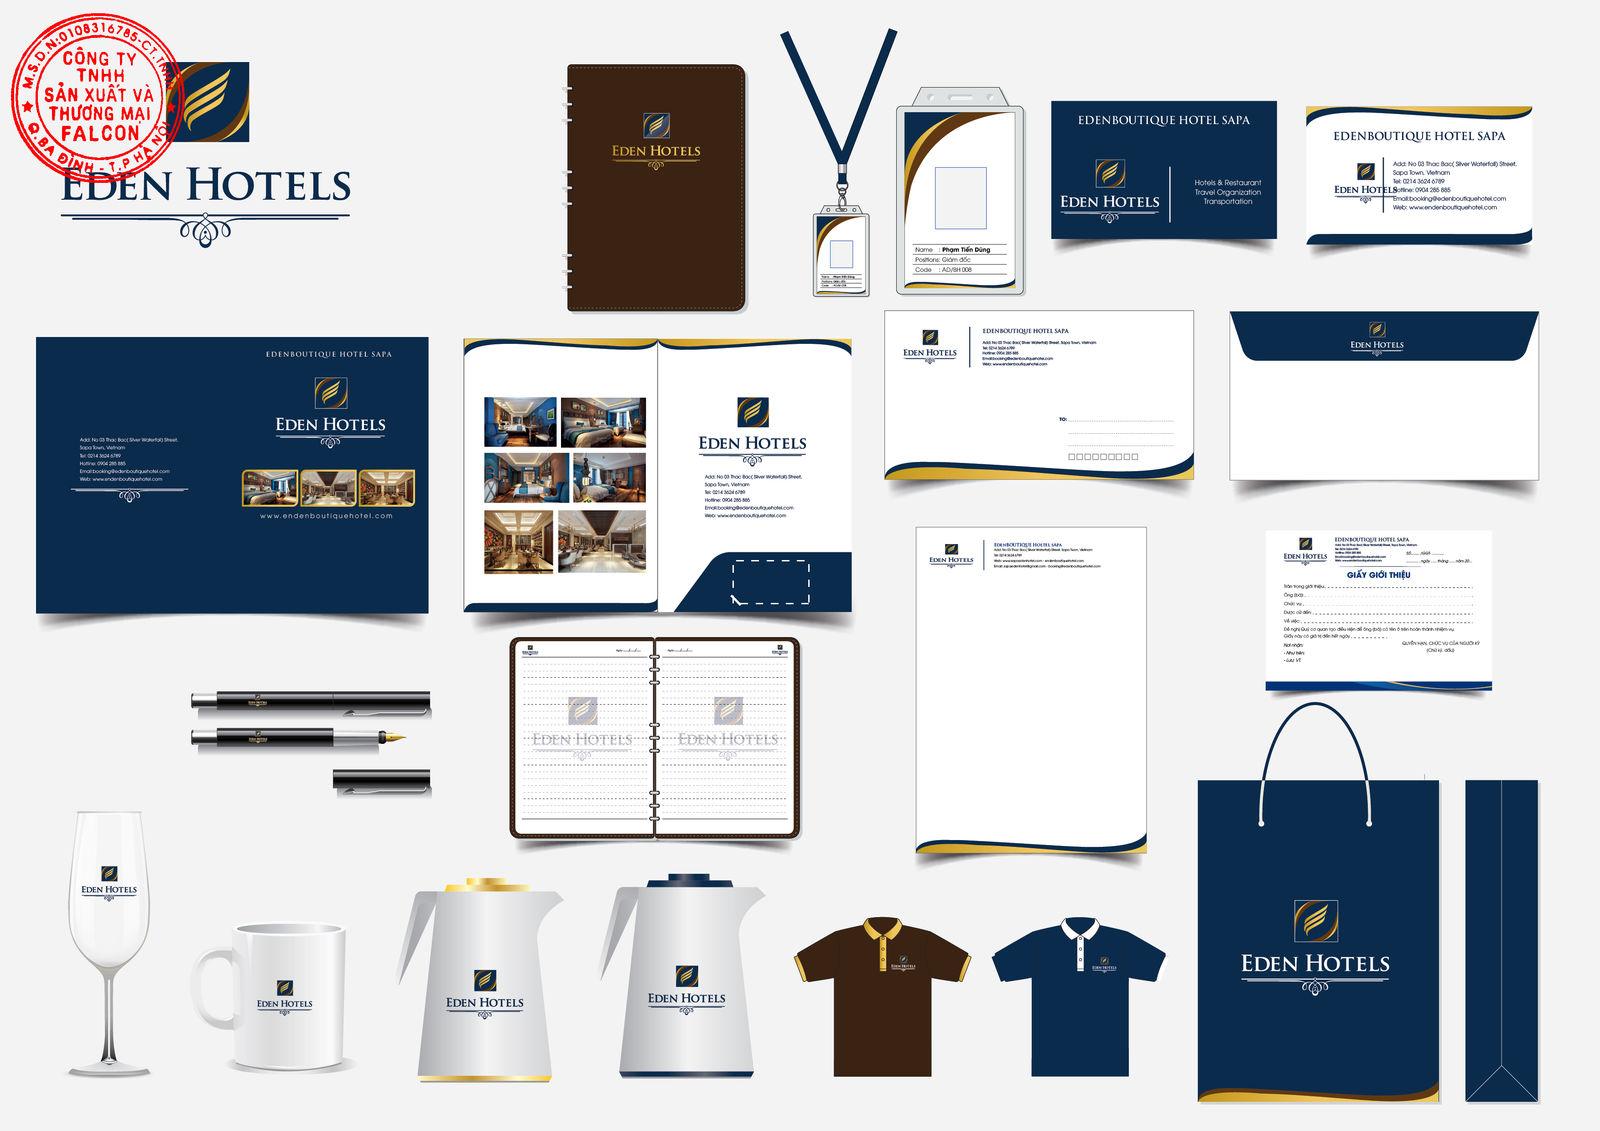 Thiết kế in ấn tổng thể bao bì đựng đồ dùng khách sạn